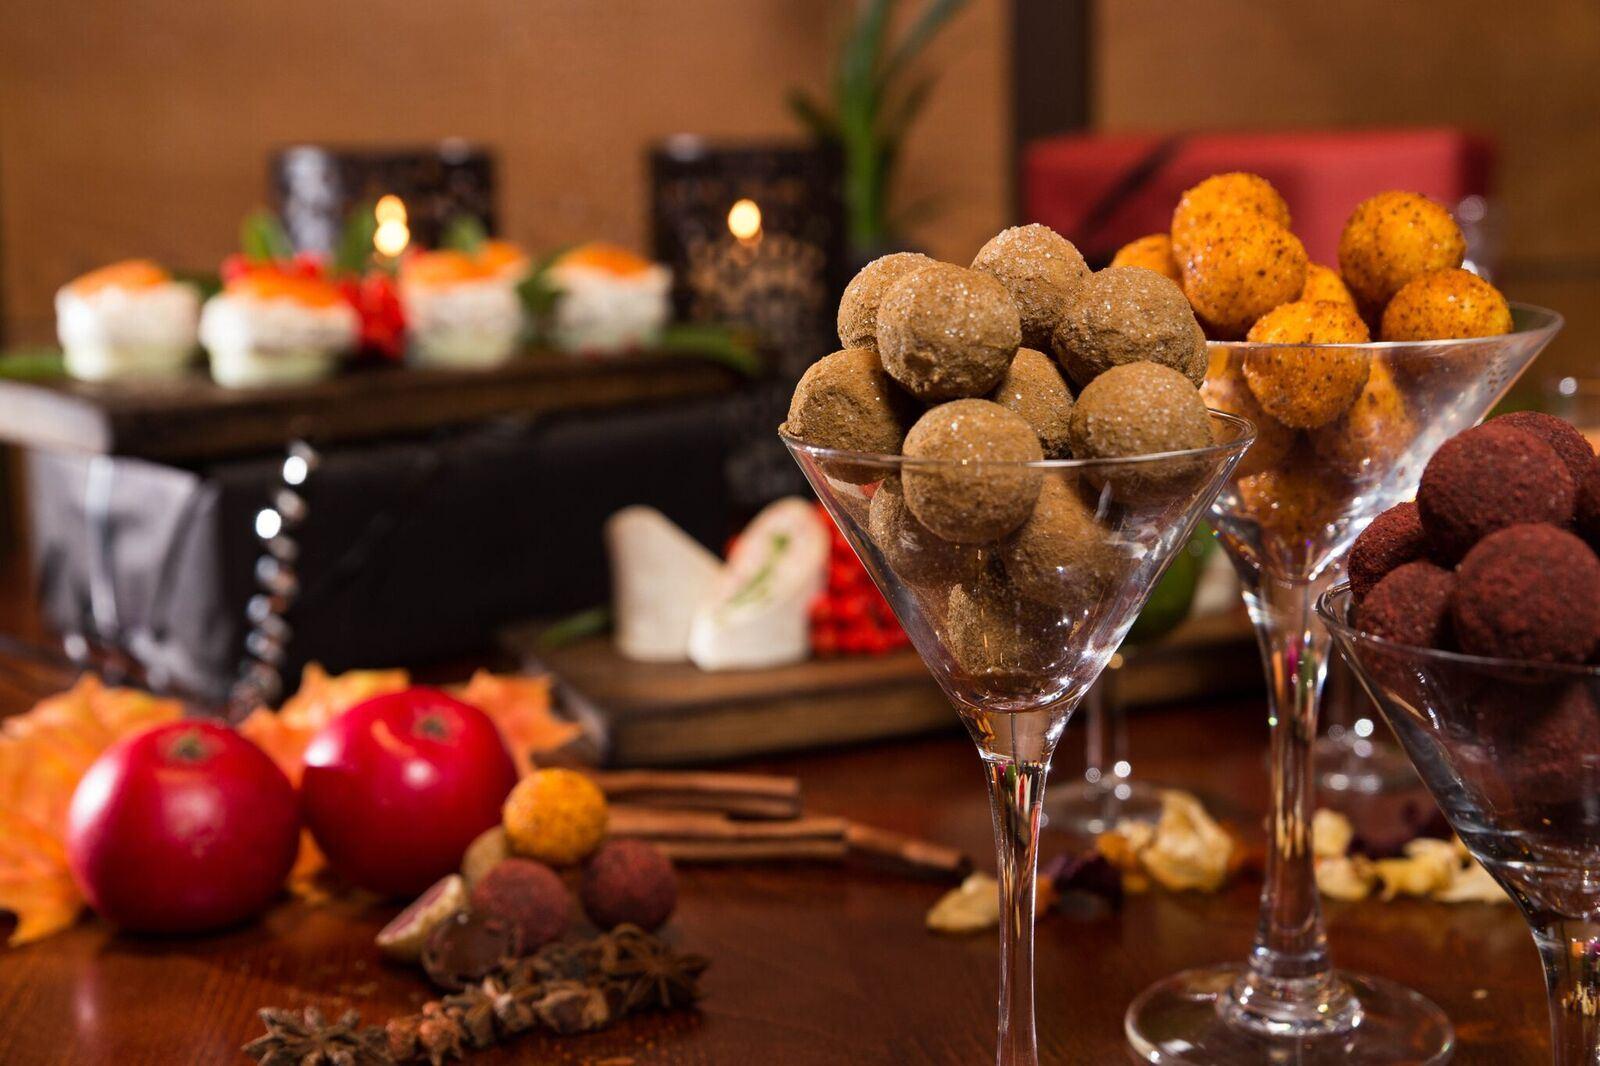 Jultapasbuffé i Oliven restaurang & bar